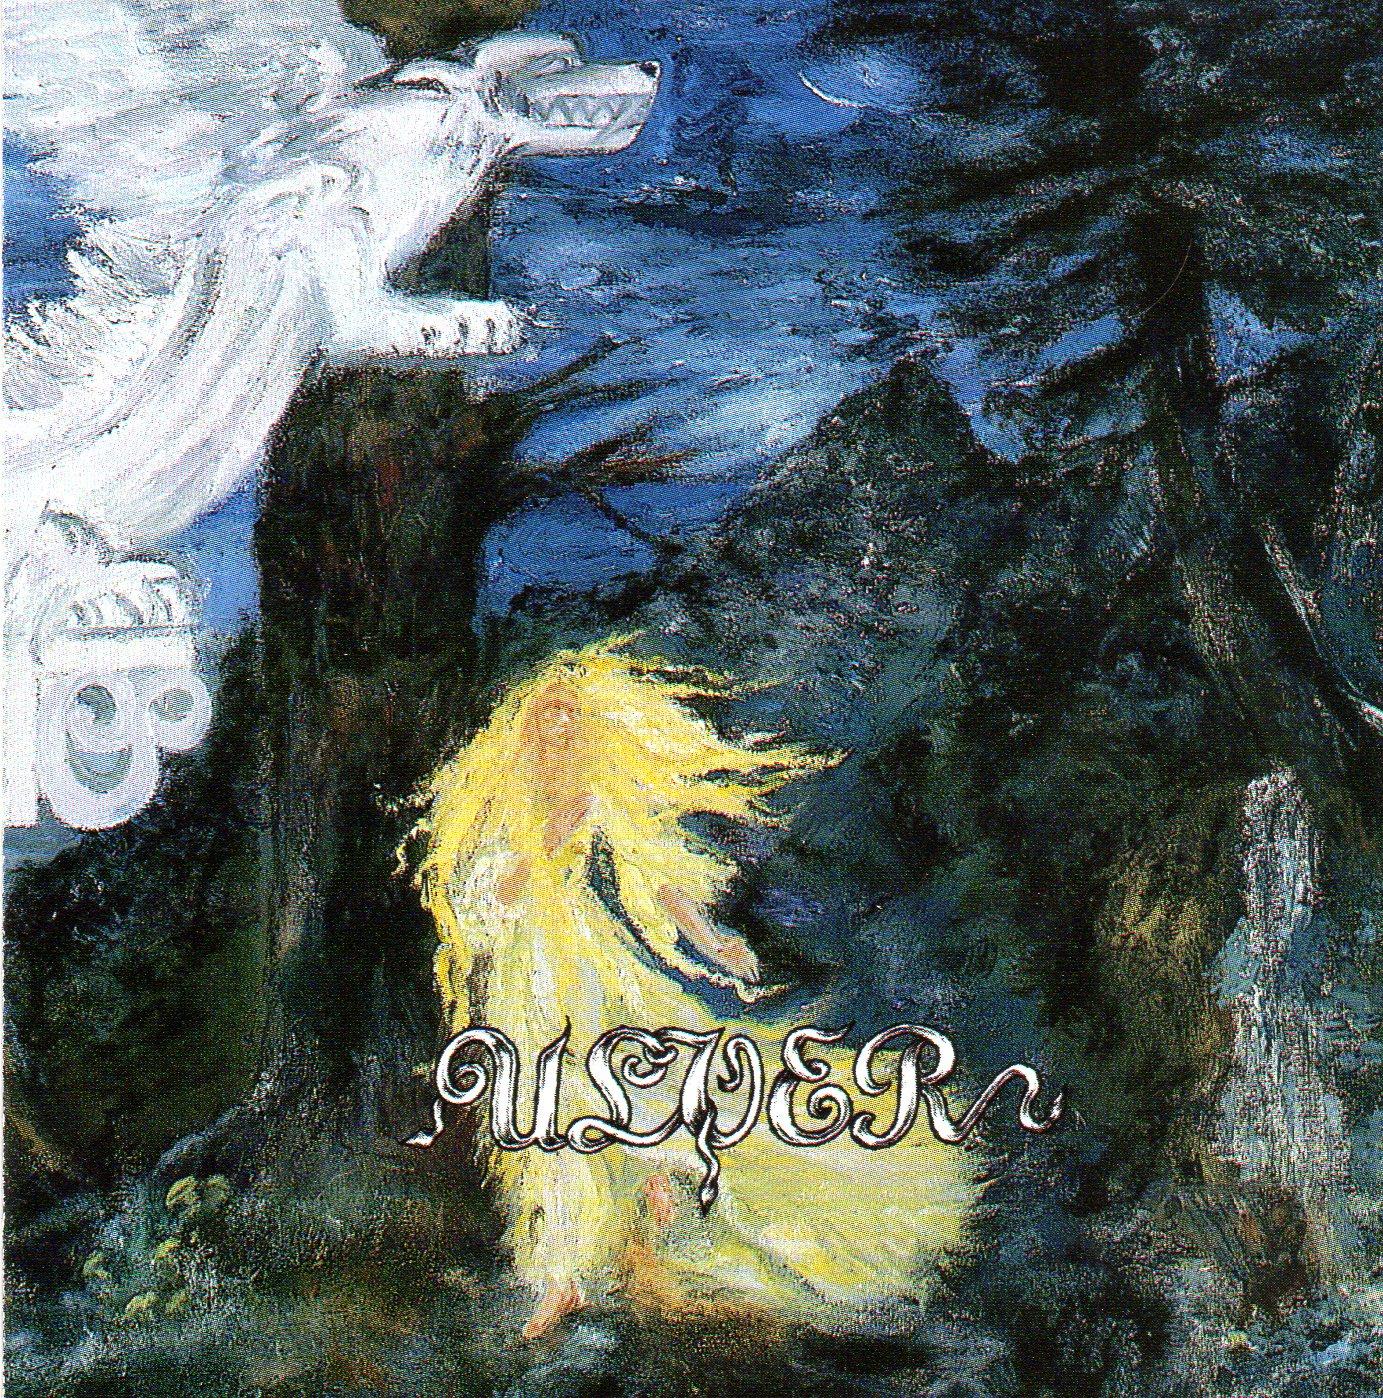 Kveldssanger album cover